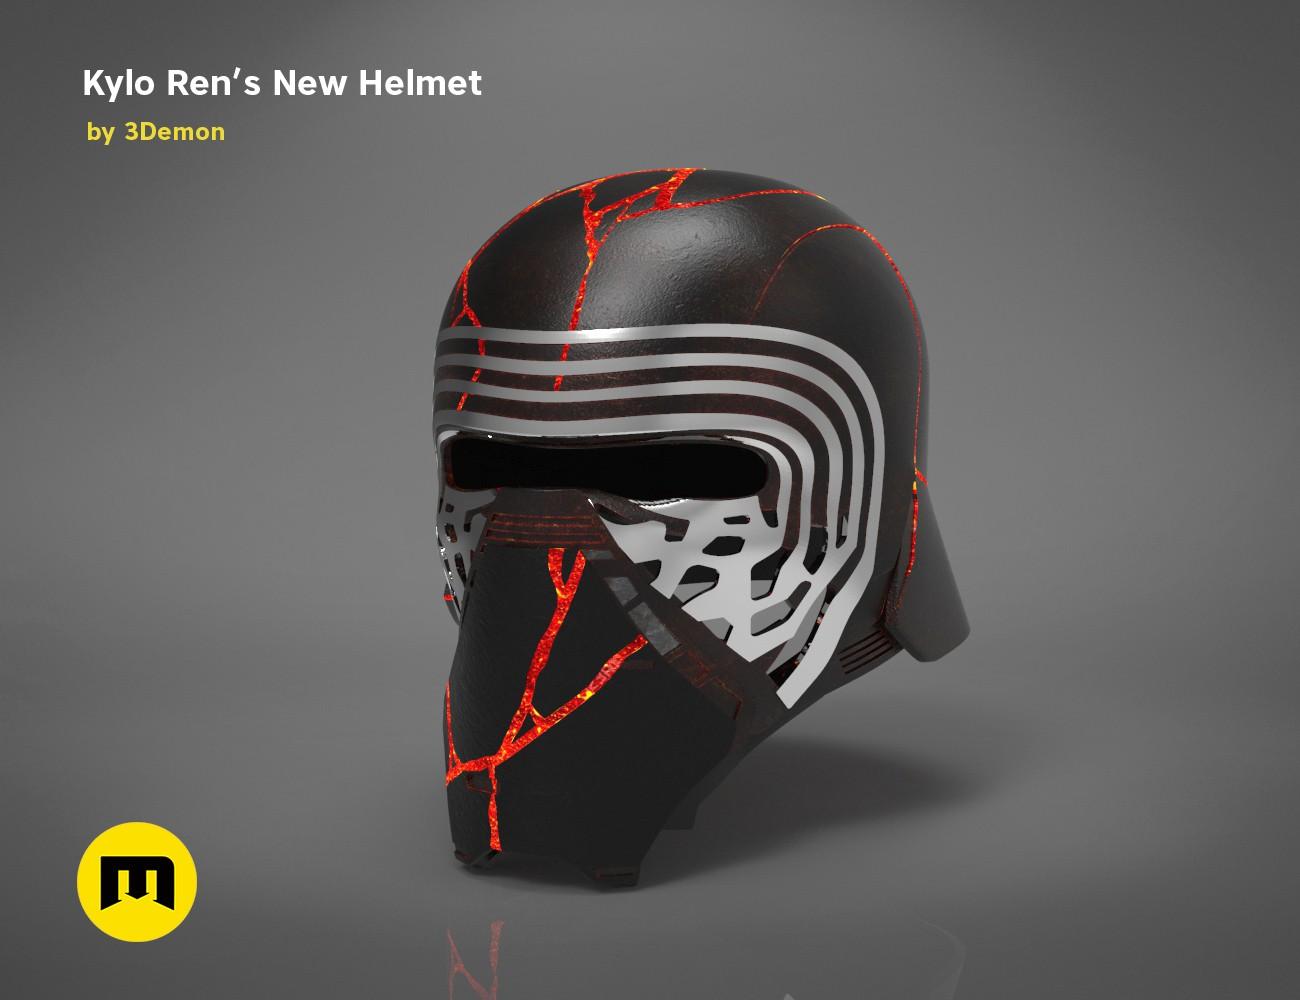 Enjoyable The Kylo Ren Helmet Destroyed Star Wars Download Free Architecture Designs Scobabritishbridgeorg